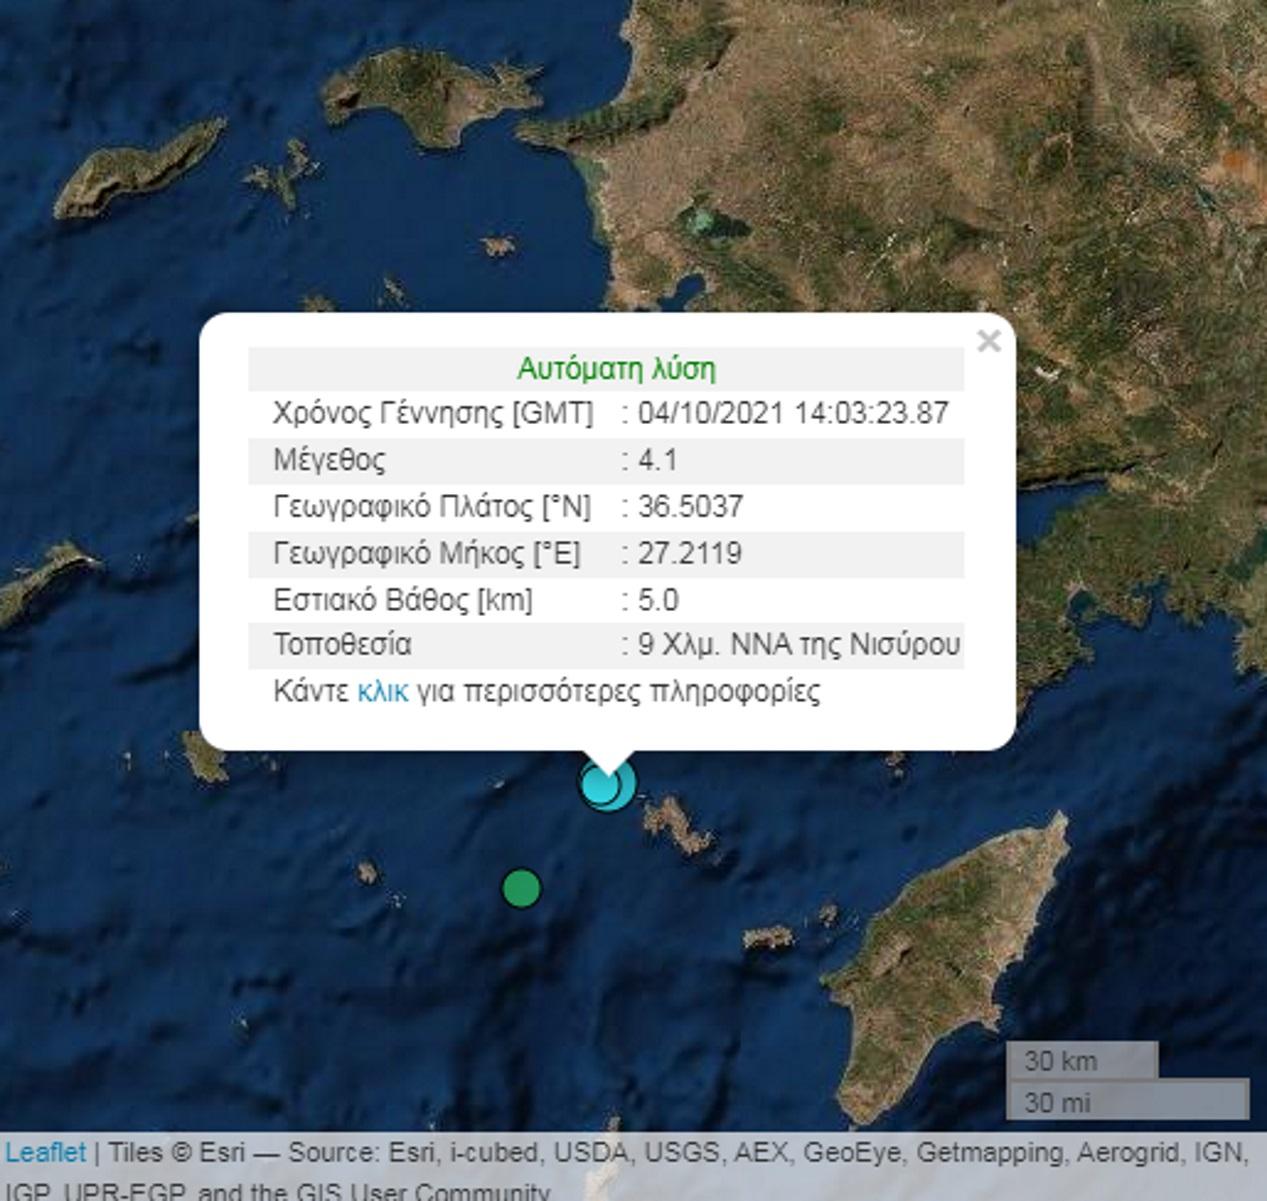 Σεισμός τώρα στη Νίσυρο – Εστιακό βάθος μόλις στα 5 χιλιόμετρα